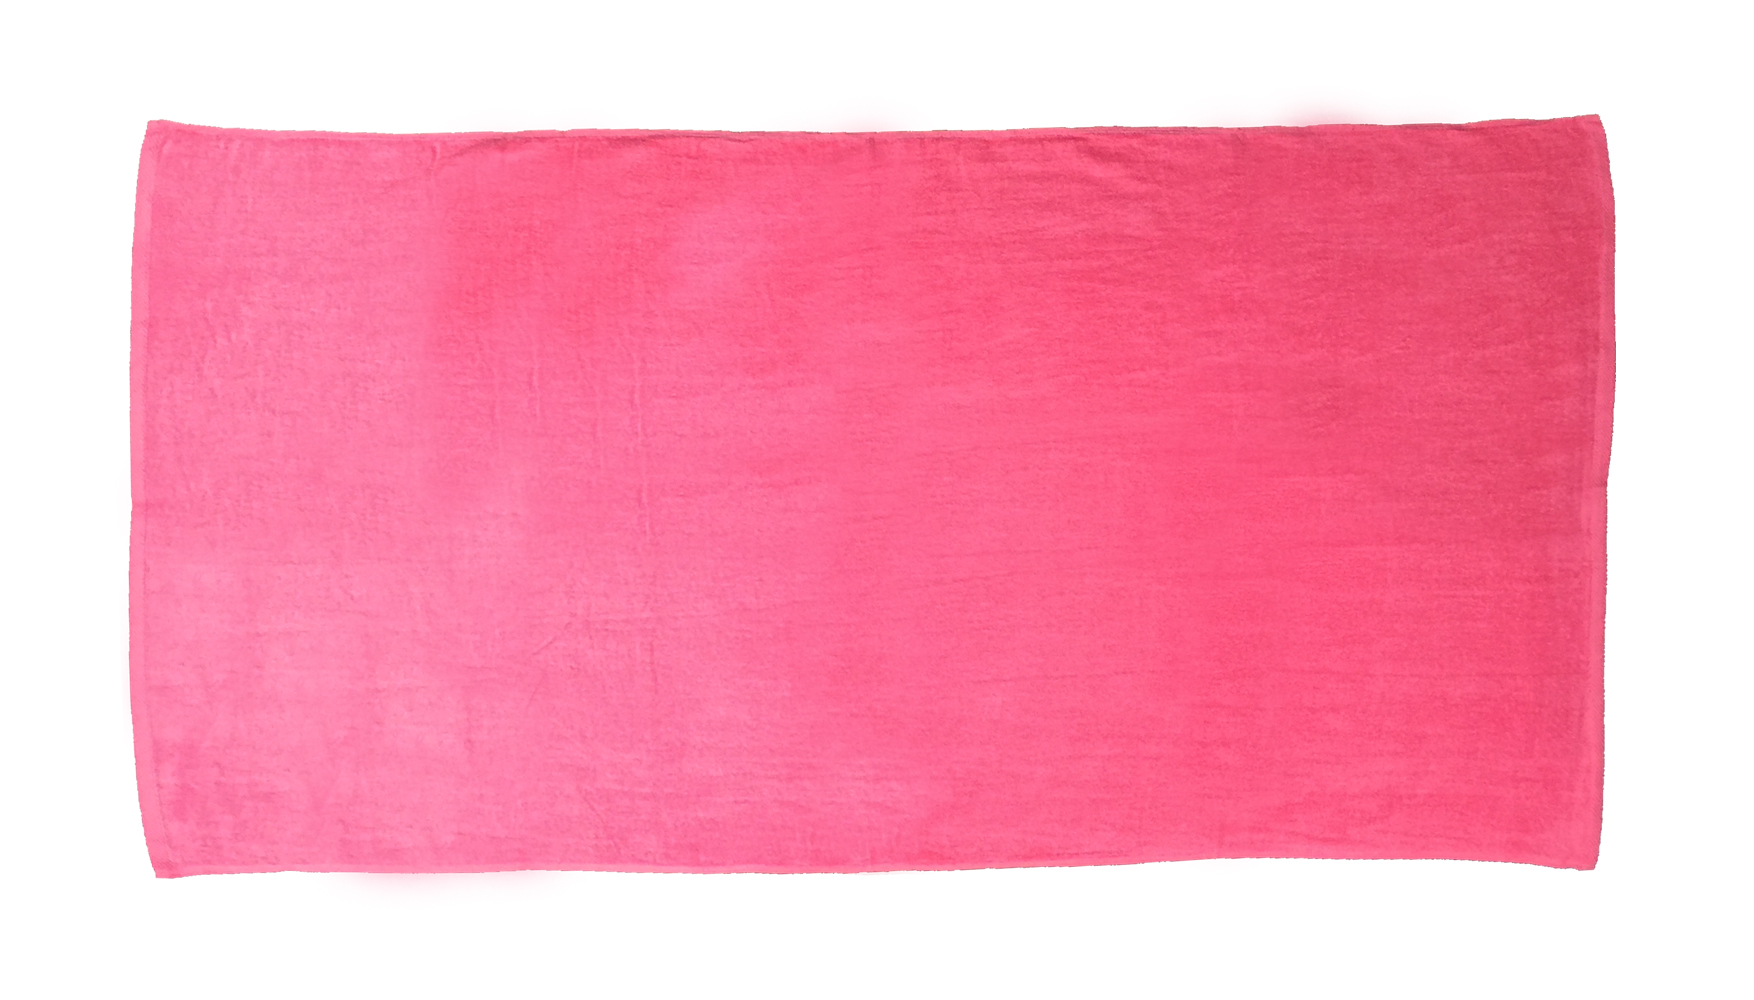 TowelsOutlet.com - 30x60 Terry Beach Towels 100% Cotton Velour, 11.0 ...